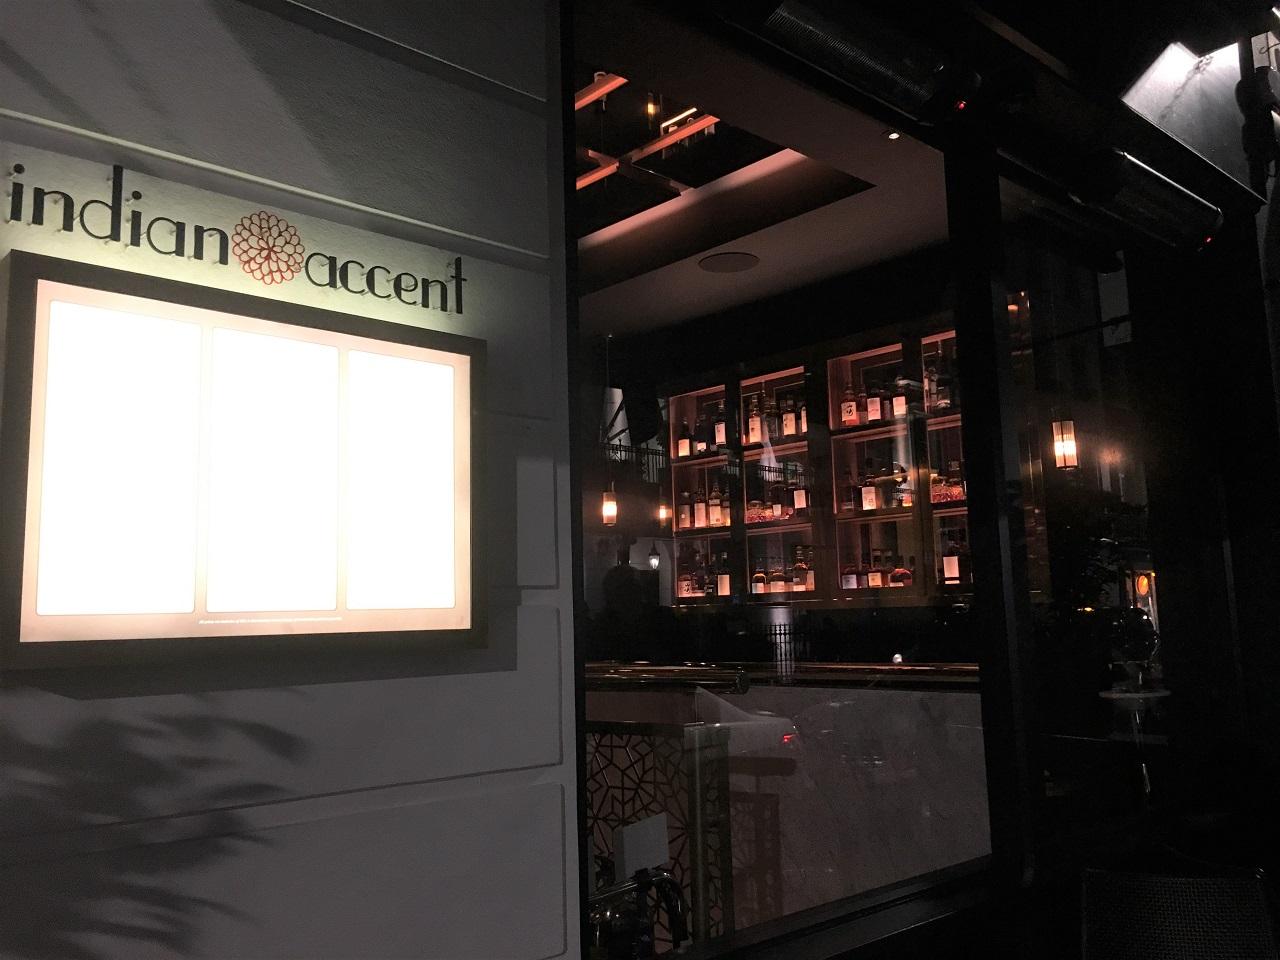 ロンドンのメイフェアで洗練されたインド料理を食べるなら Indian Accent